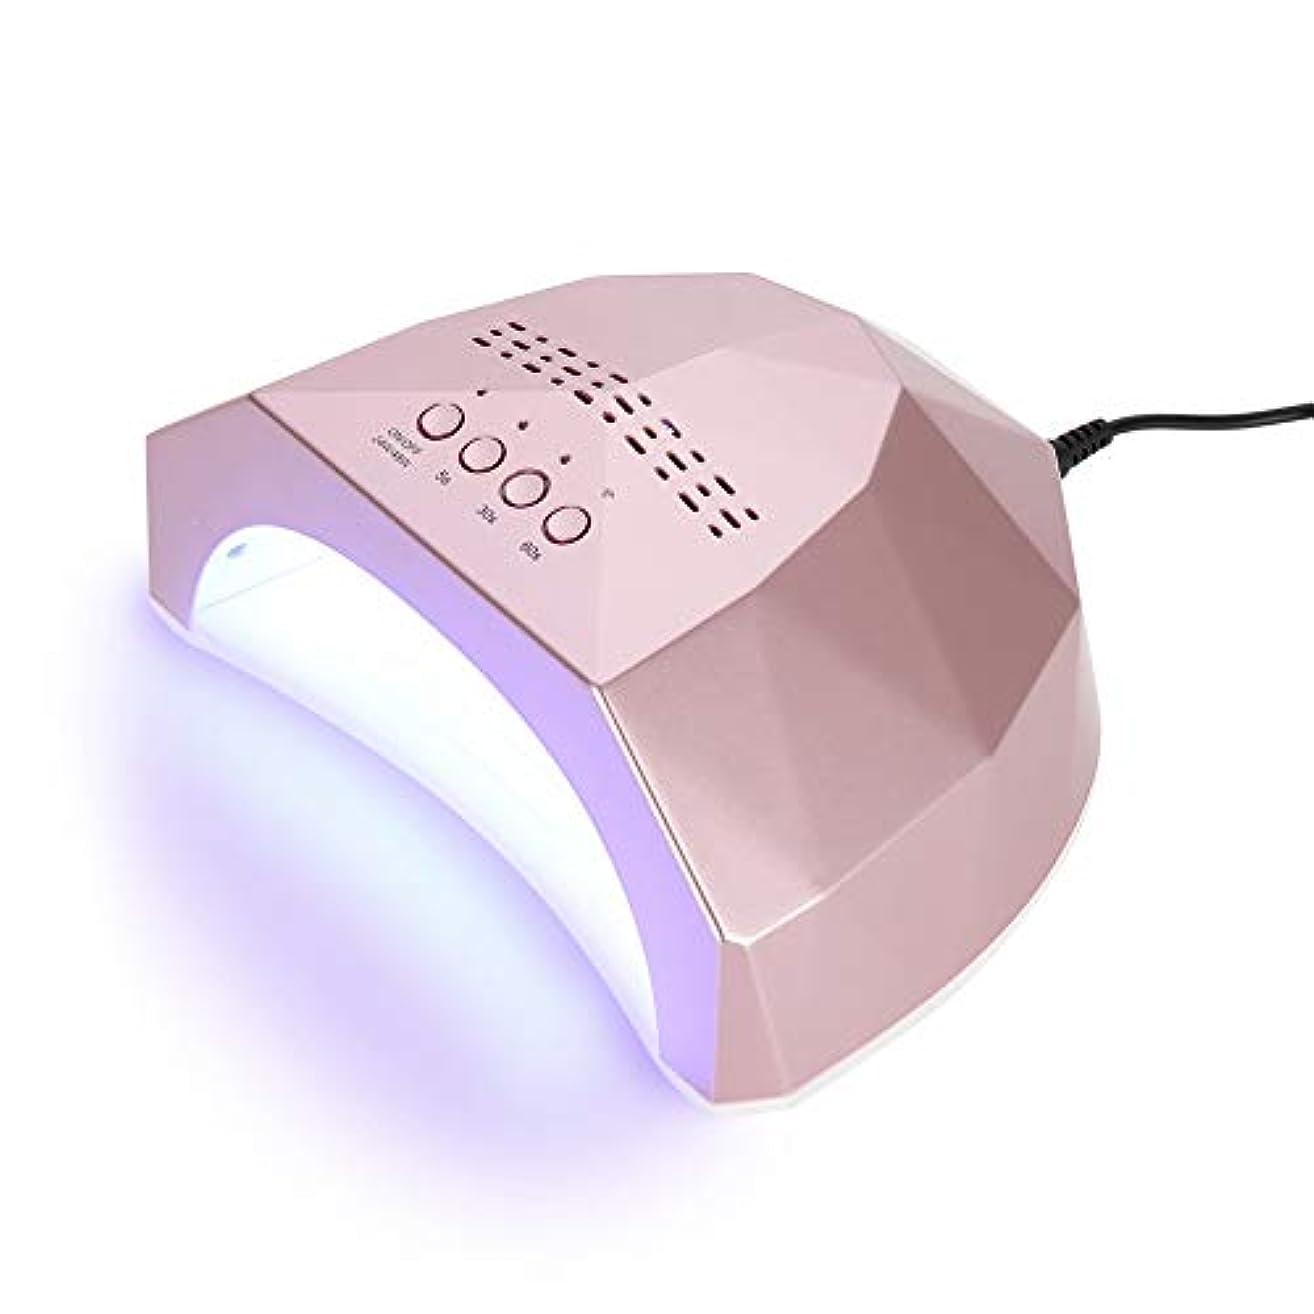 評決器官チロ48W ネイルアートLEDランプ ネイルドライヤー LED釘ランプのドライヤーラン 硬化マニキュア (Rose Gold)